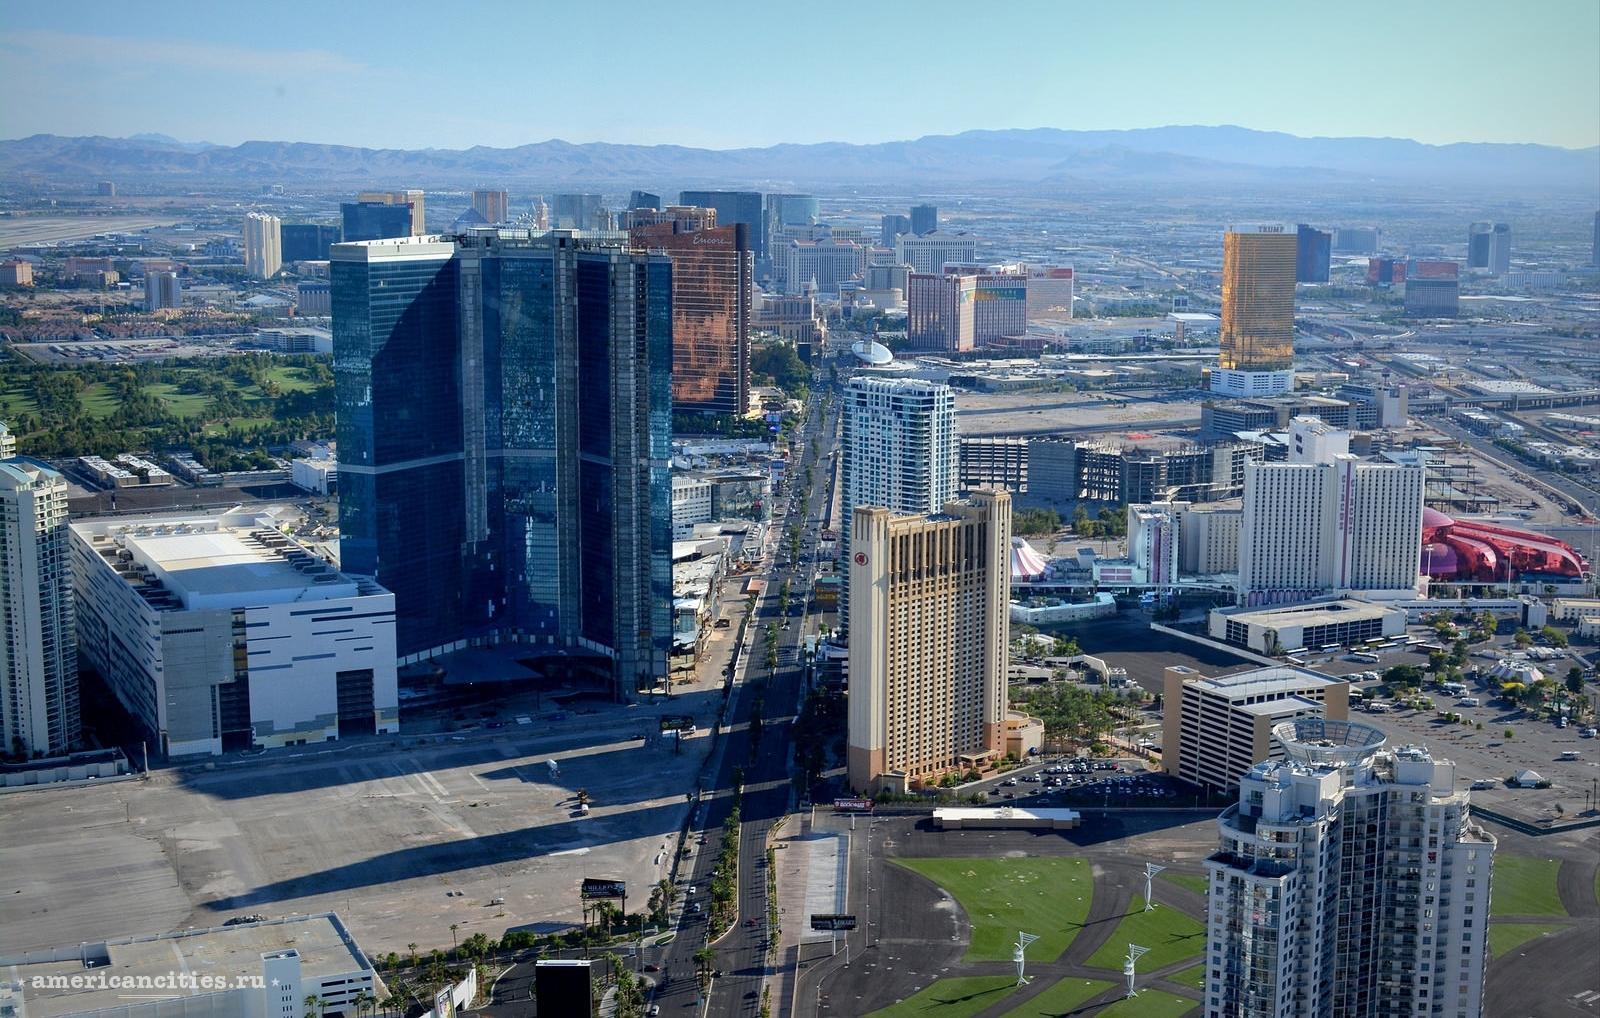 На фото главная улица города - Las Vegas blvd (The Strip)